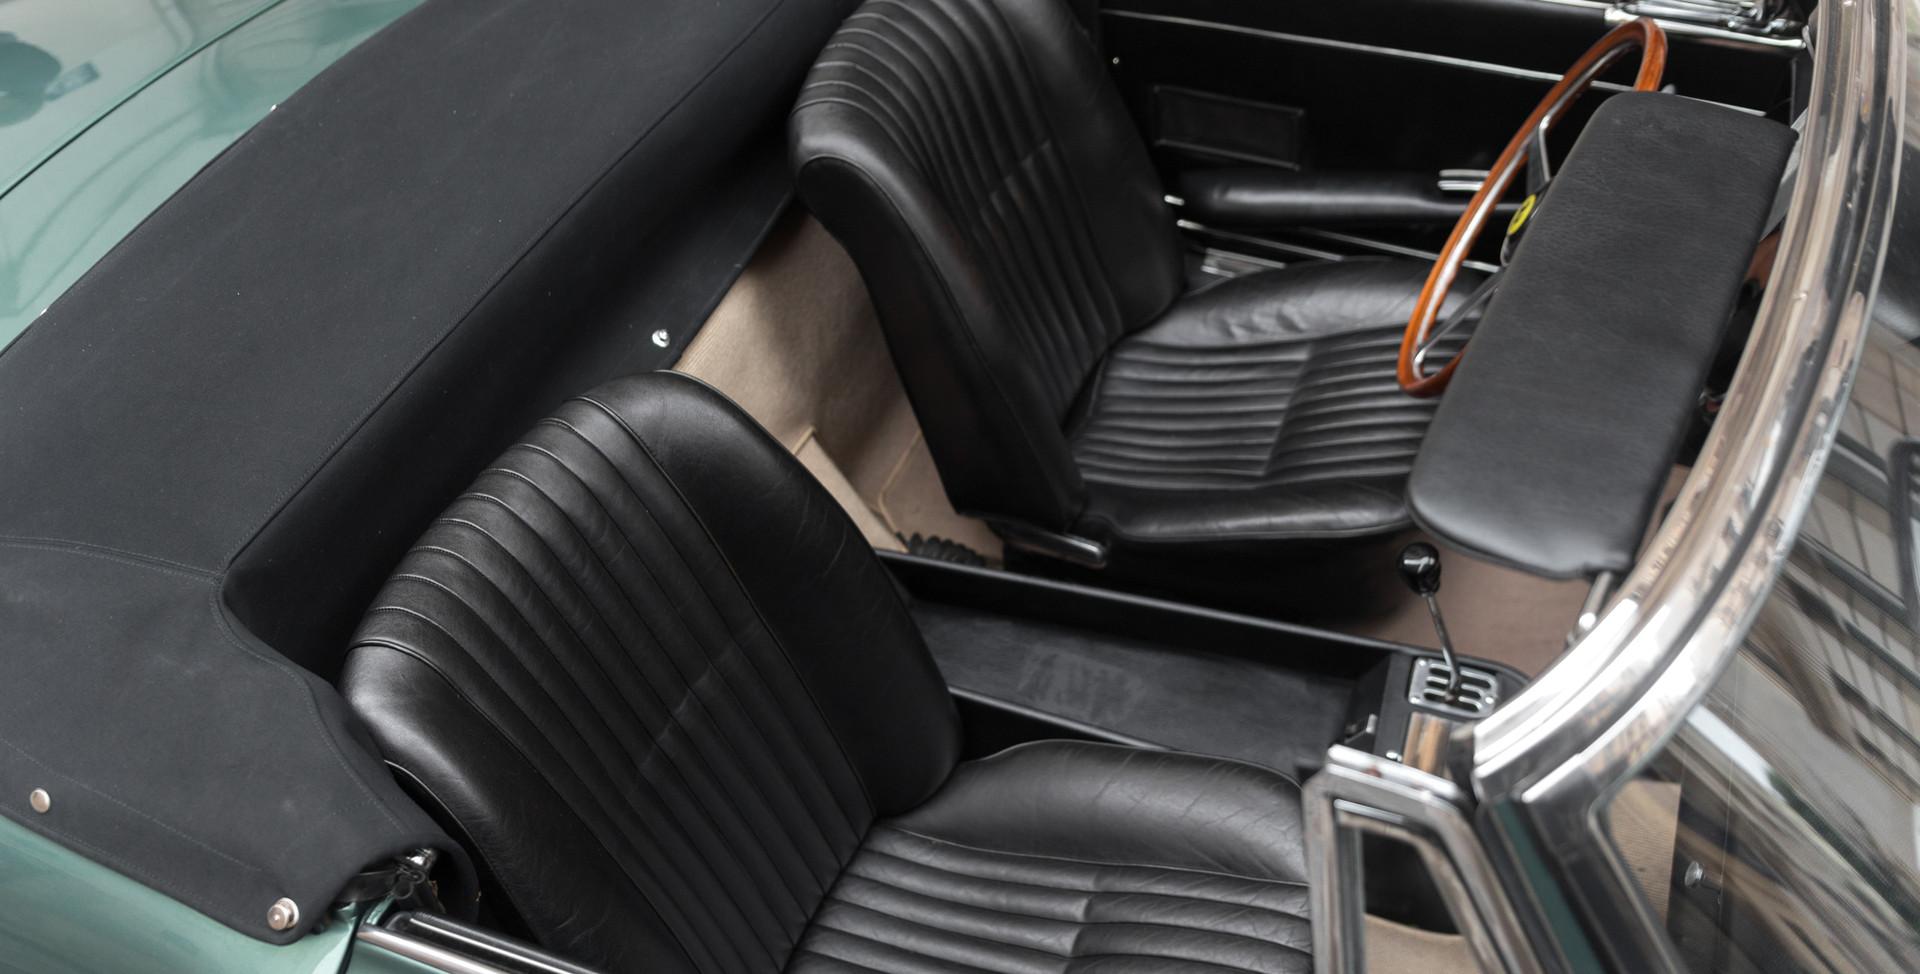 Ferrari_275_GTS_intérieur_(12).jpg